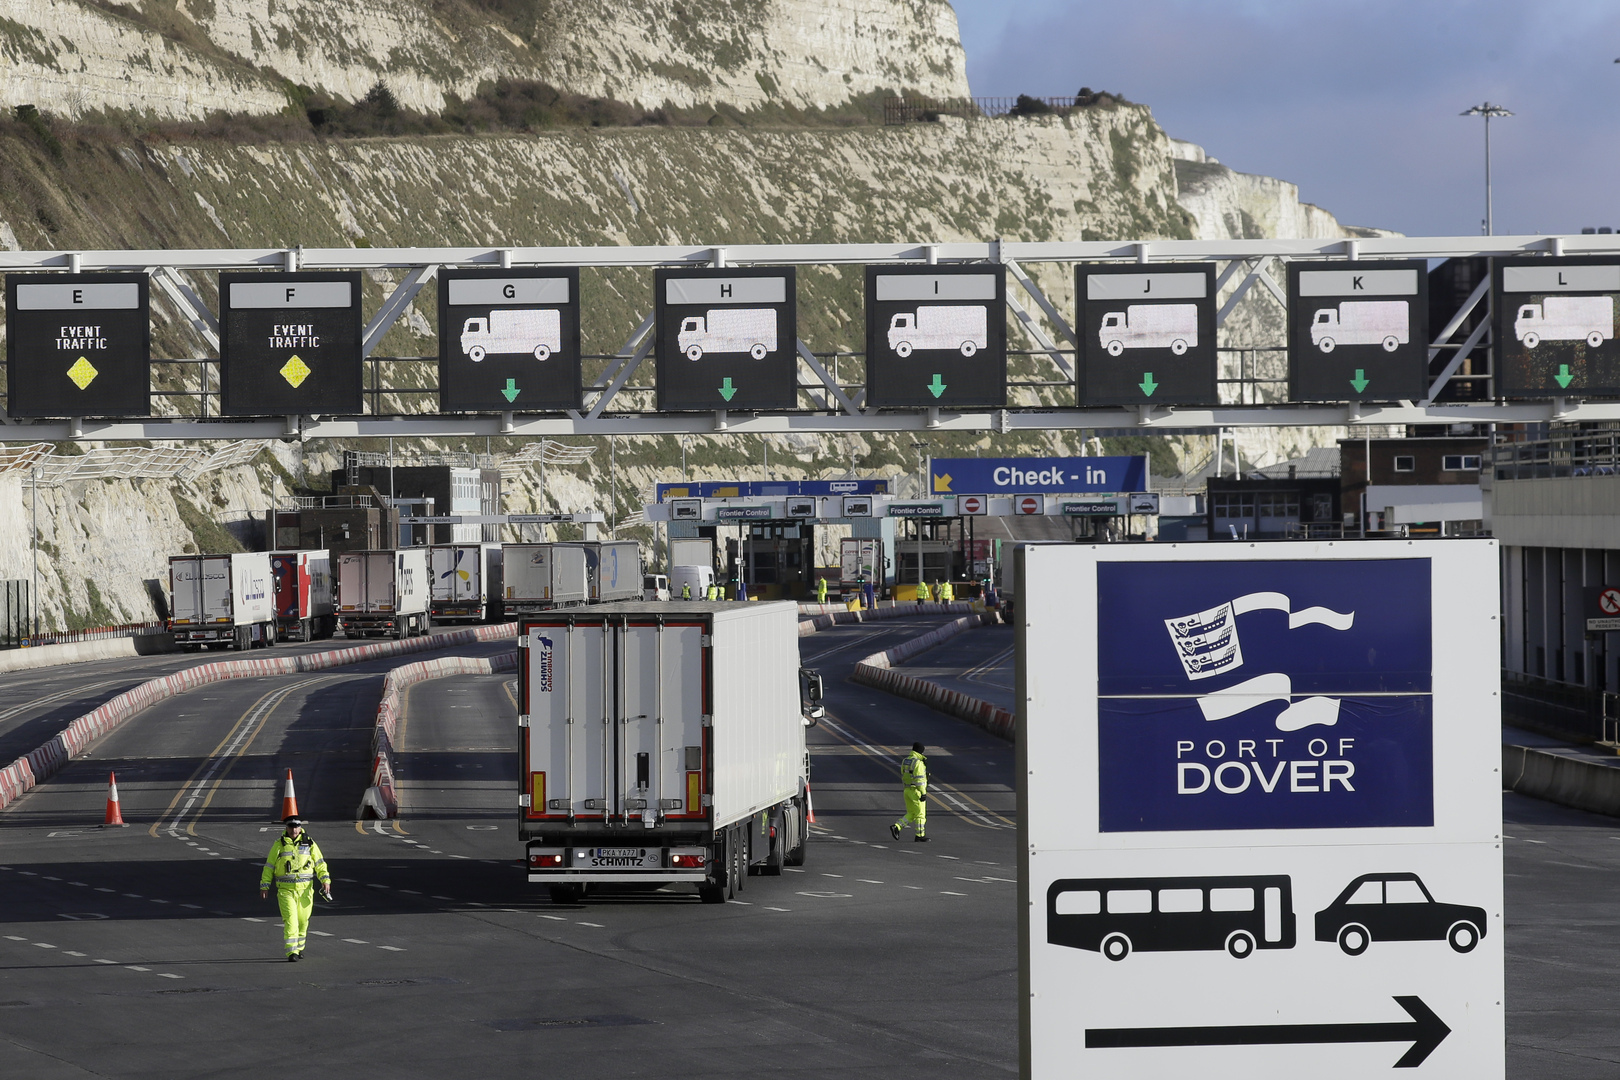 نشطاء مدافعون عن البيئة يحاصرون أكبر ميناء في أوروبا